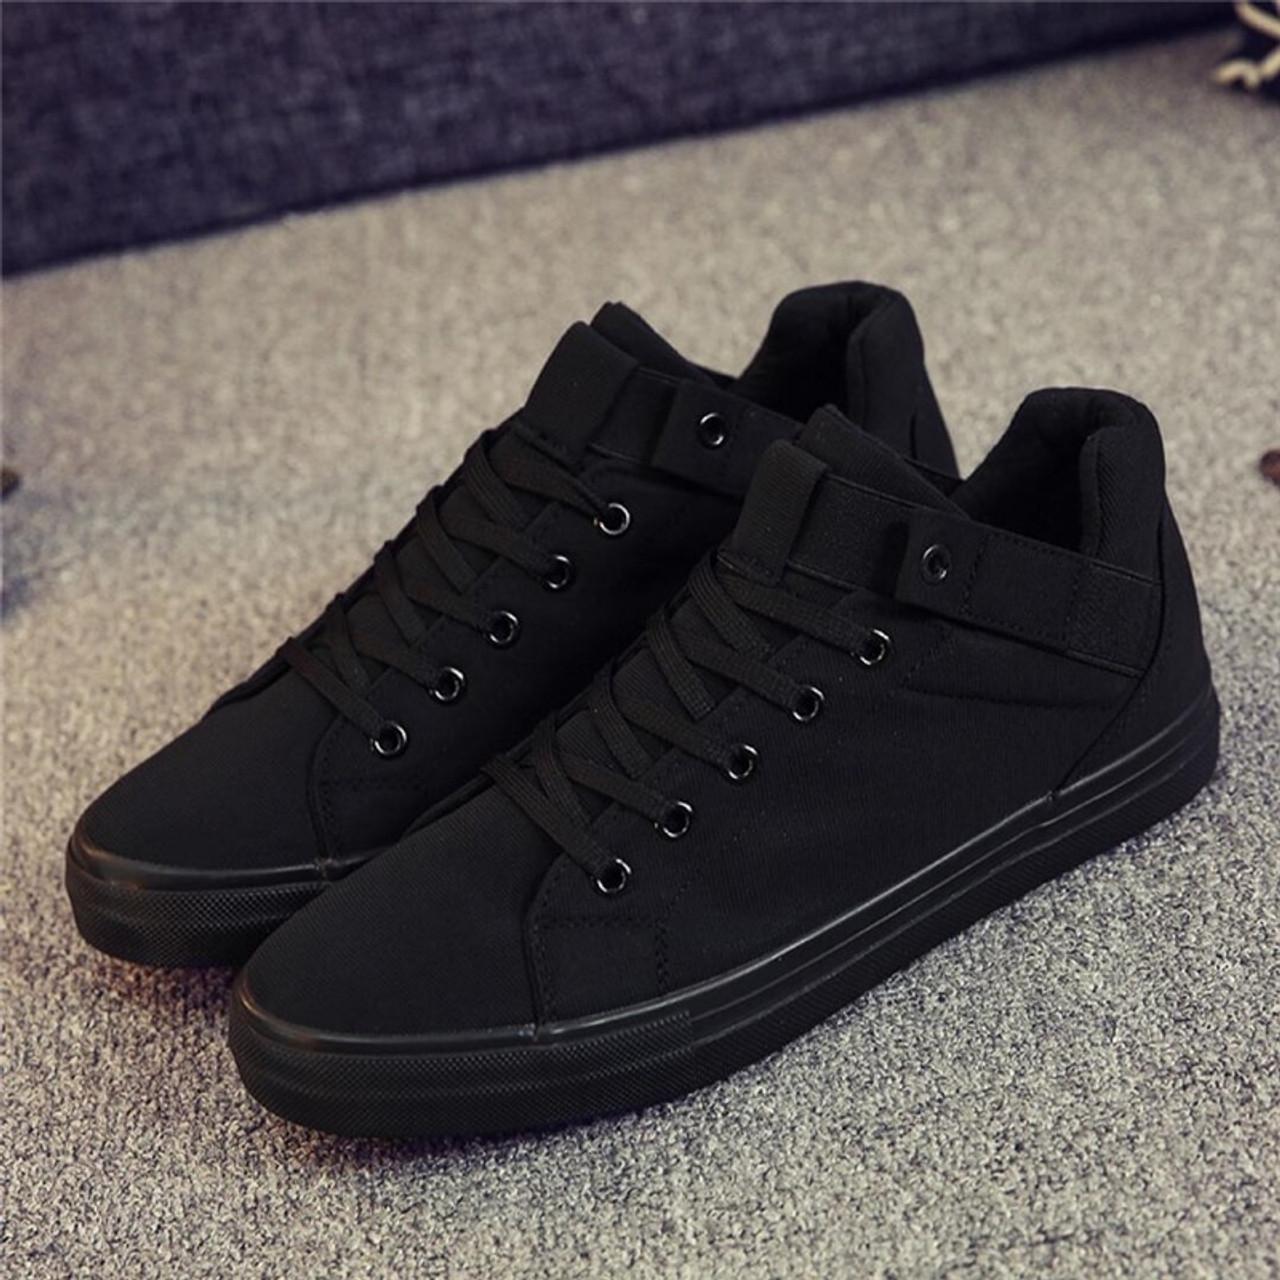 2018 new Mens casual shoes man flats